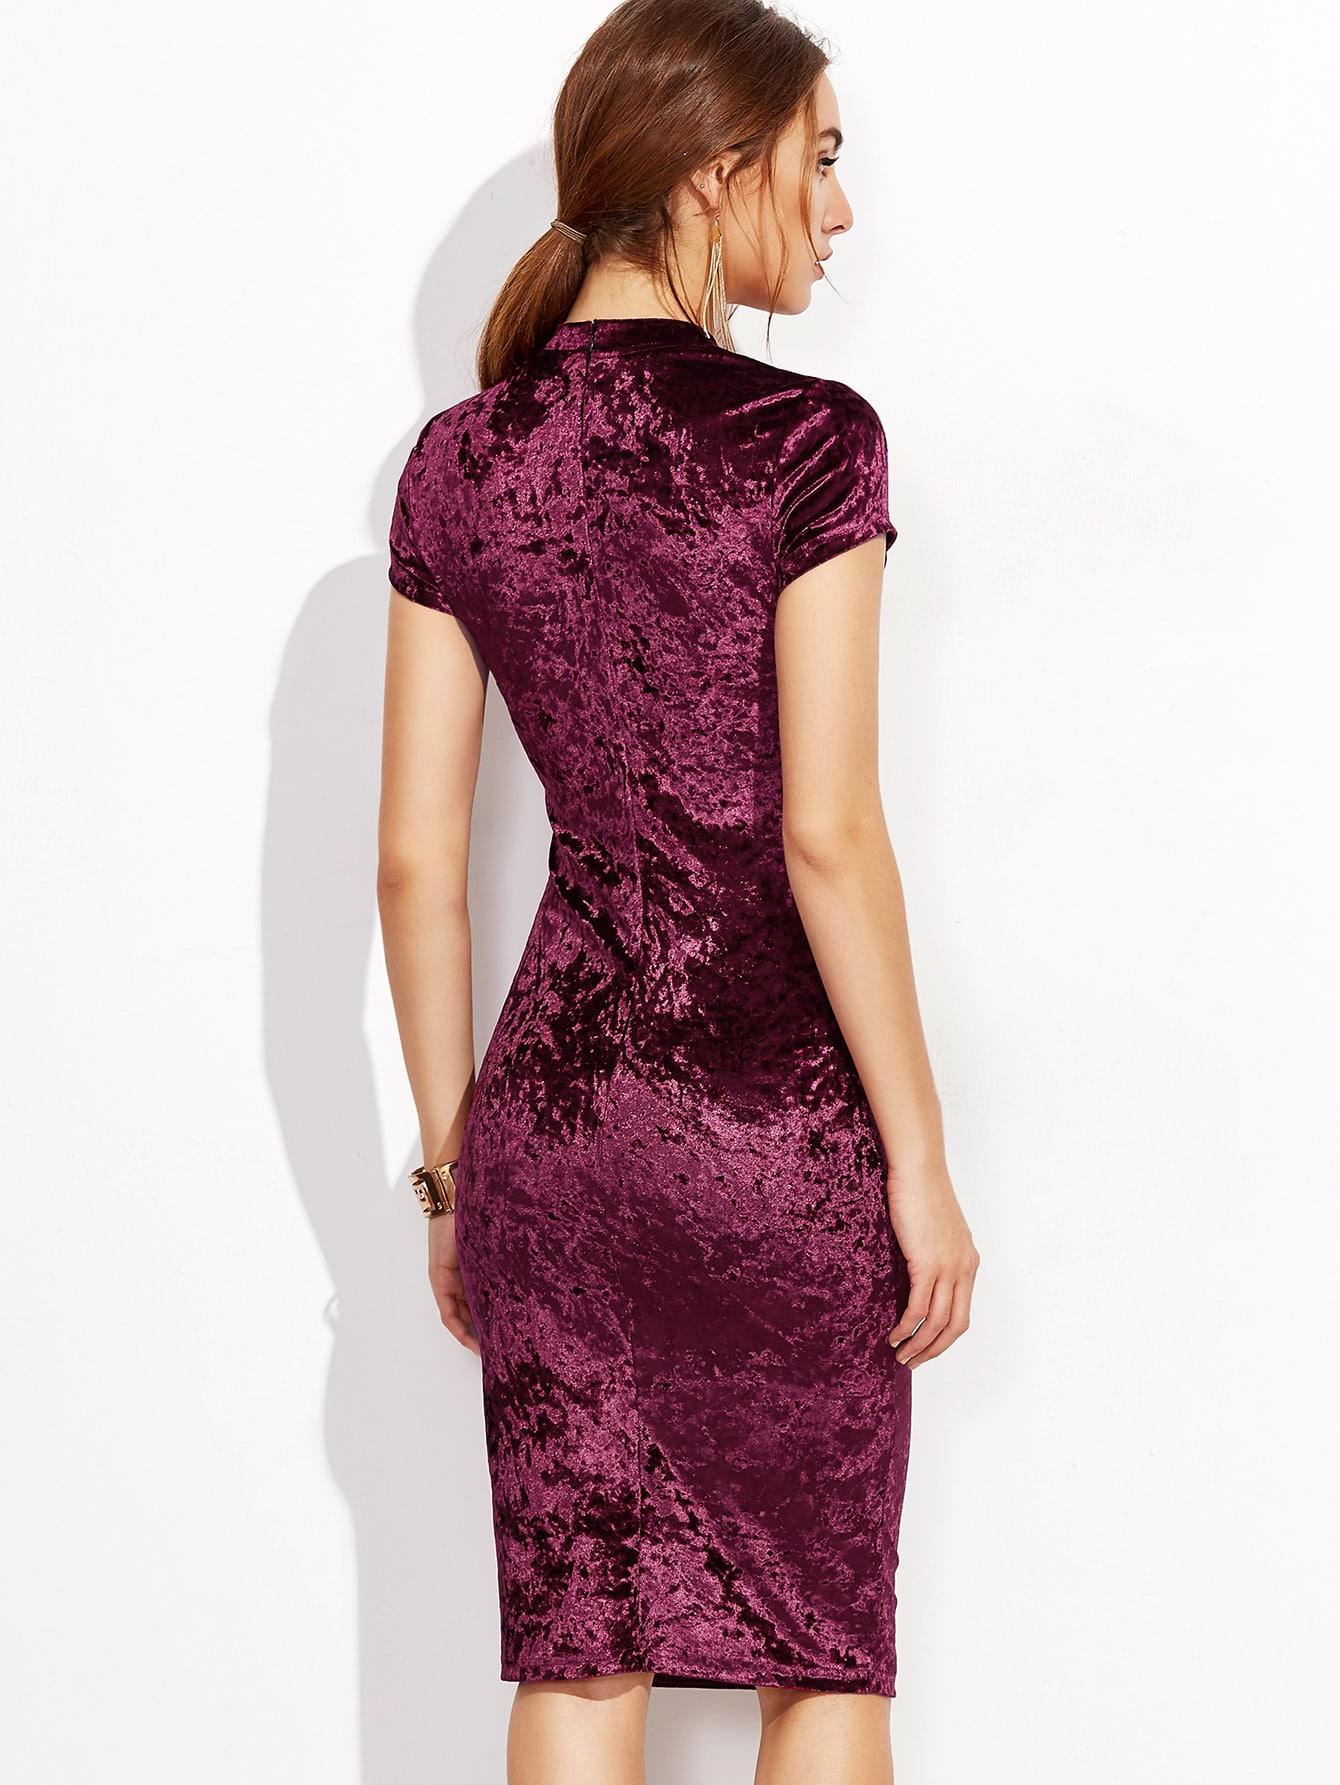 dress161012703_2